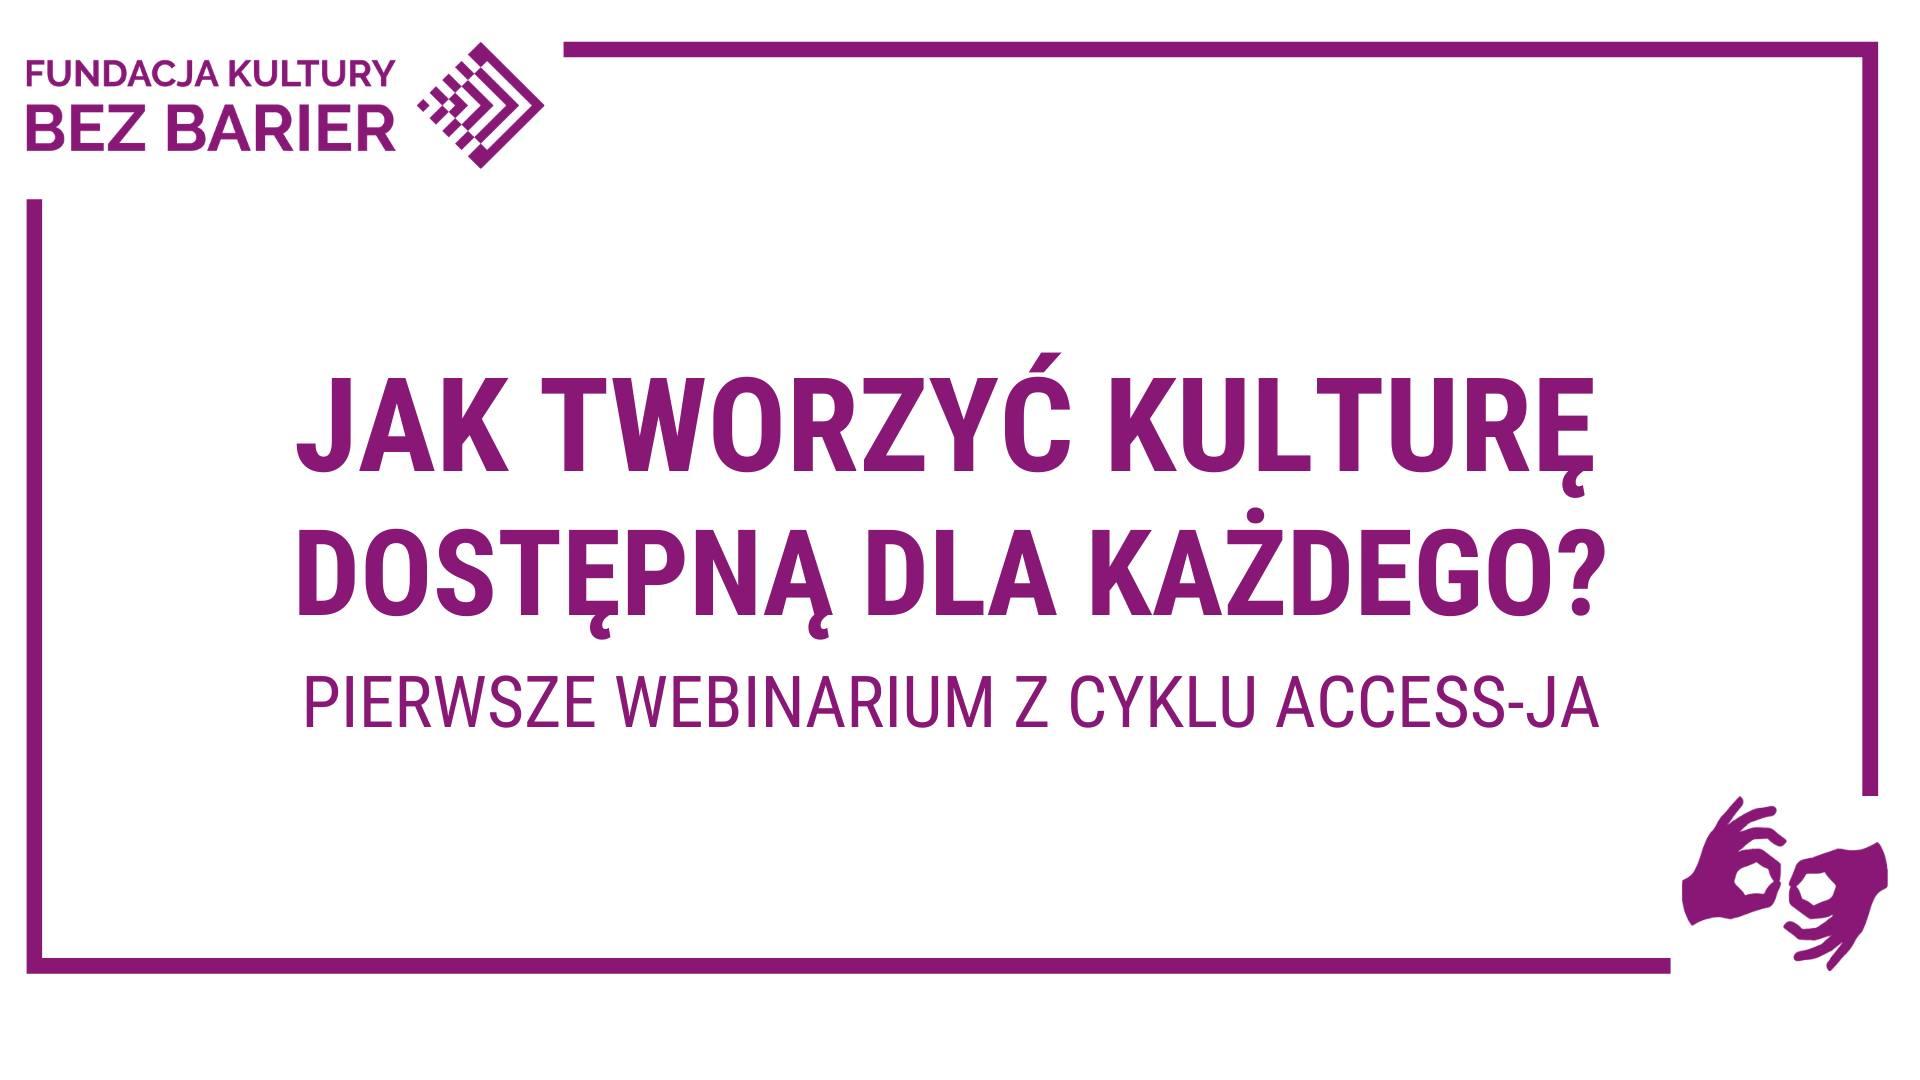 tworzyć kulturę dostępną dla każdego? Pierwsze webinarium z cyklu Access-ja. W górnym lewym rogu logo Fundacja Kultury bez Barier, w prawym dolnym rogu symbol tłumaczenia na PJM.]